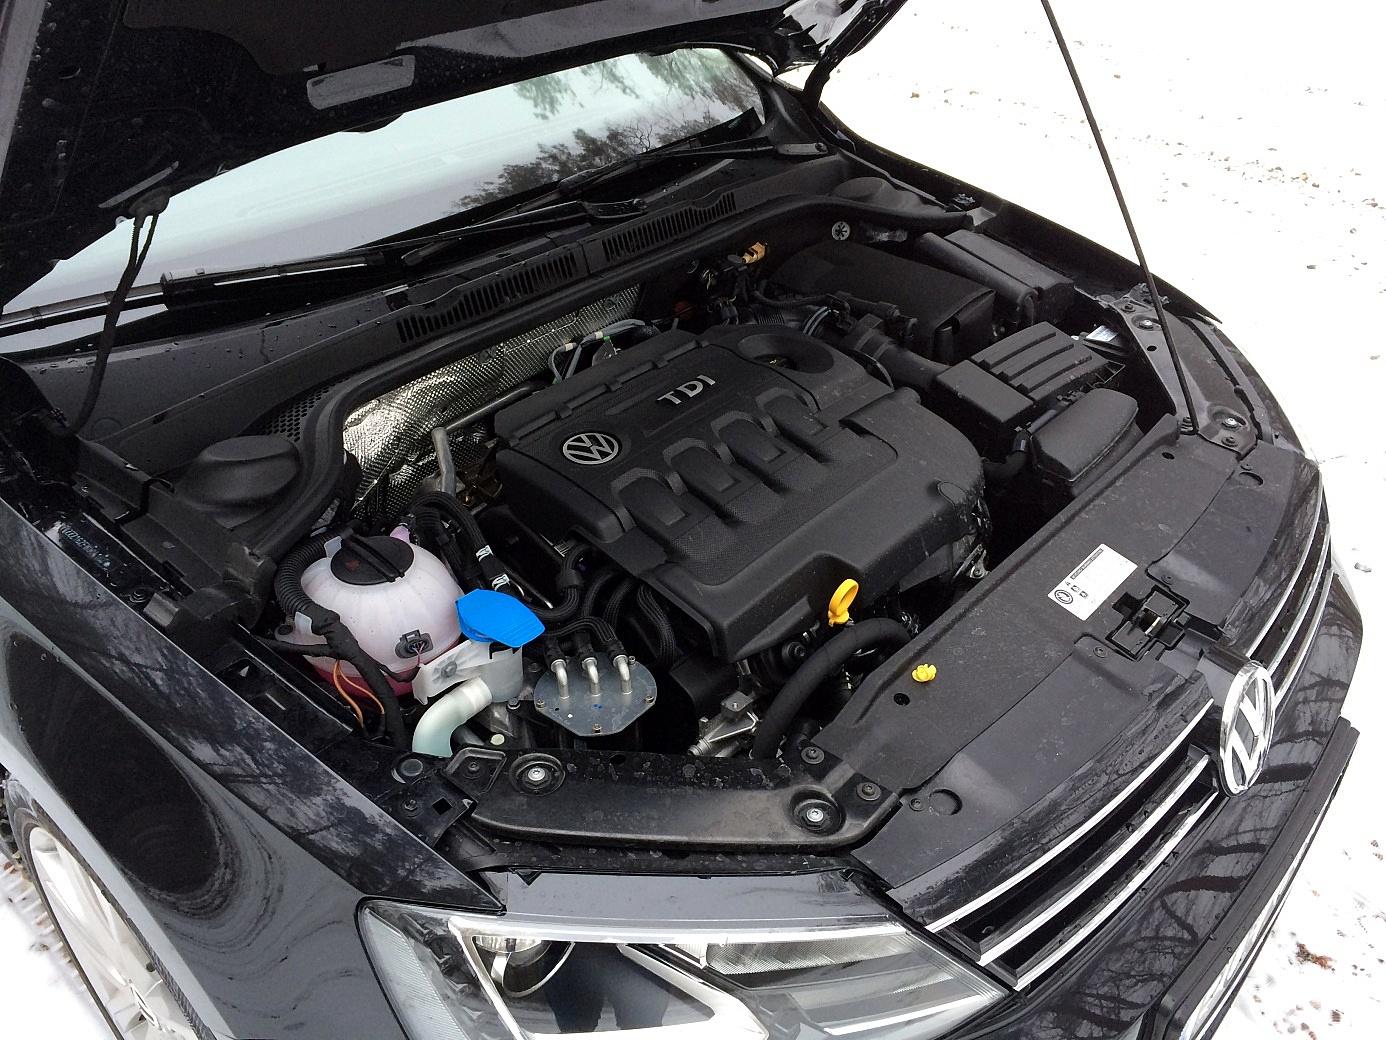 2.0 TDI szczelnie wypełnia komorę silnika i groźnie warczy.